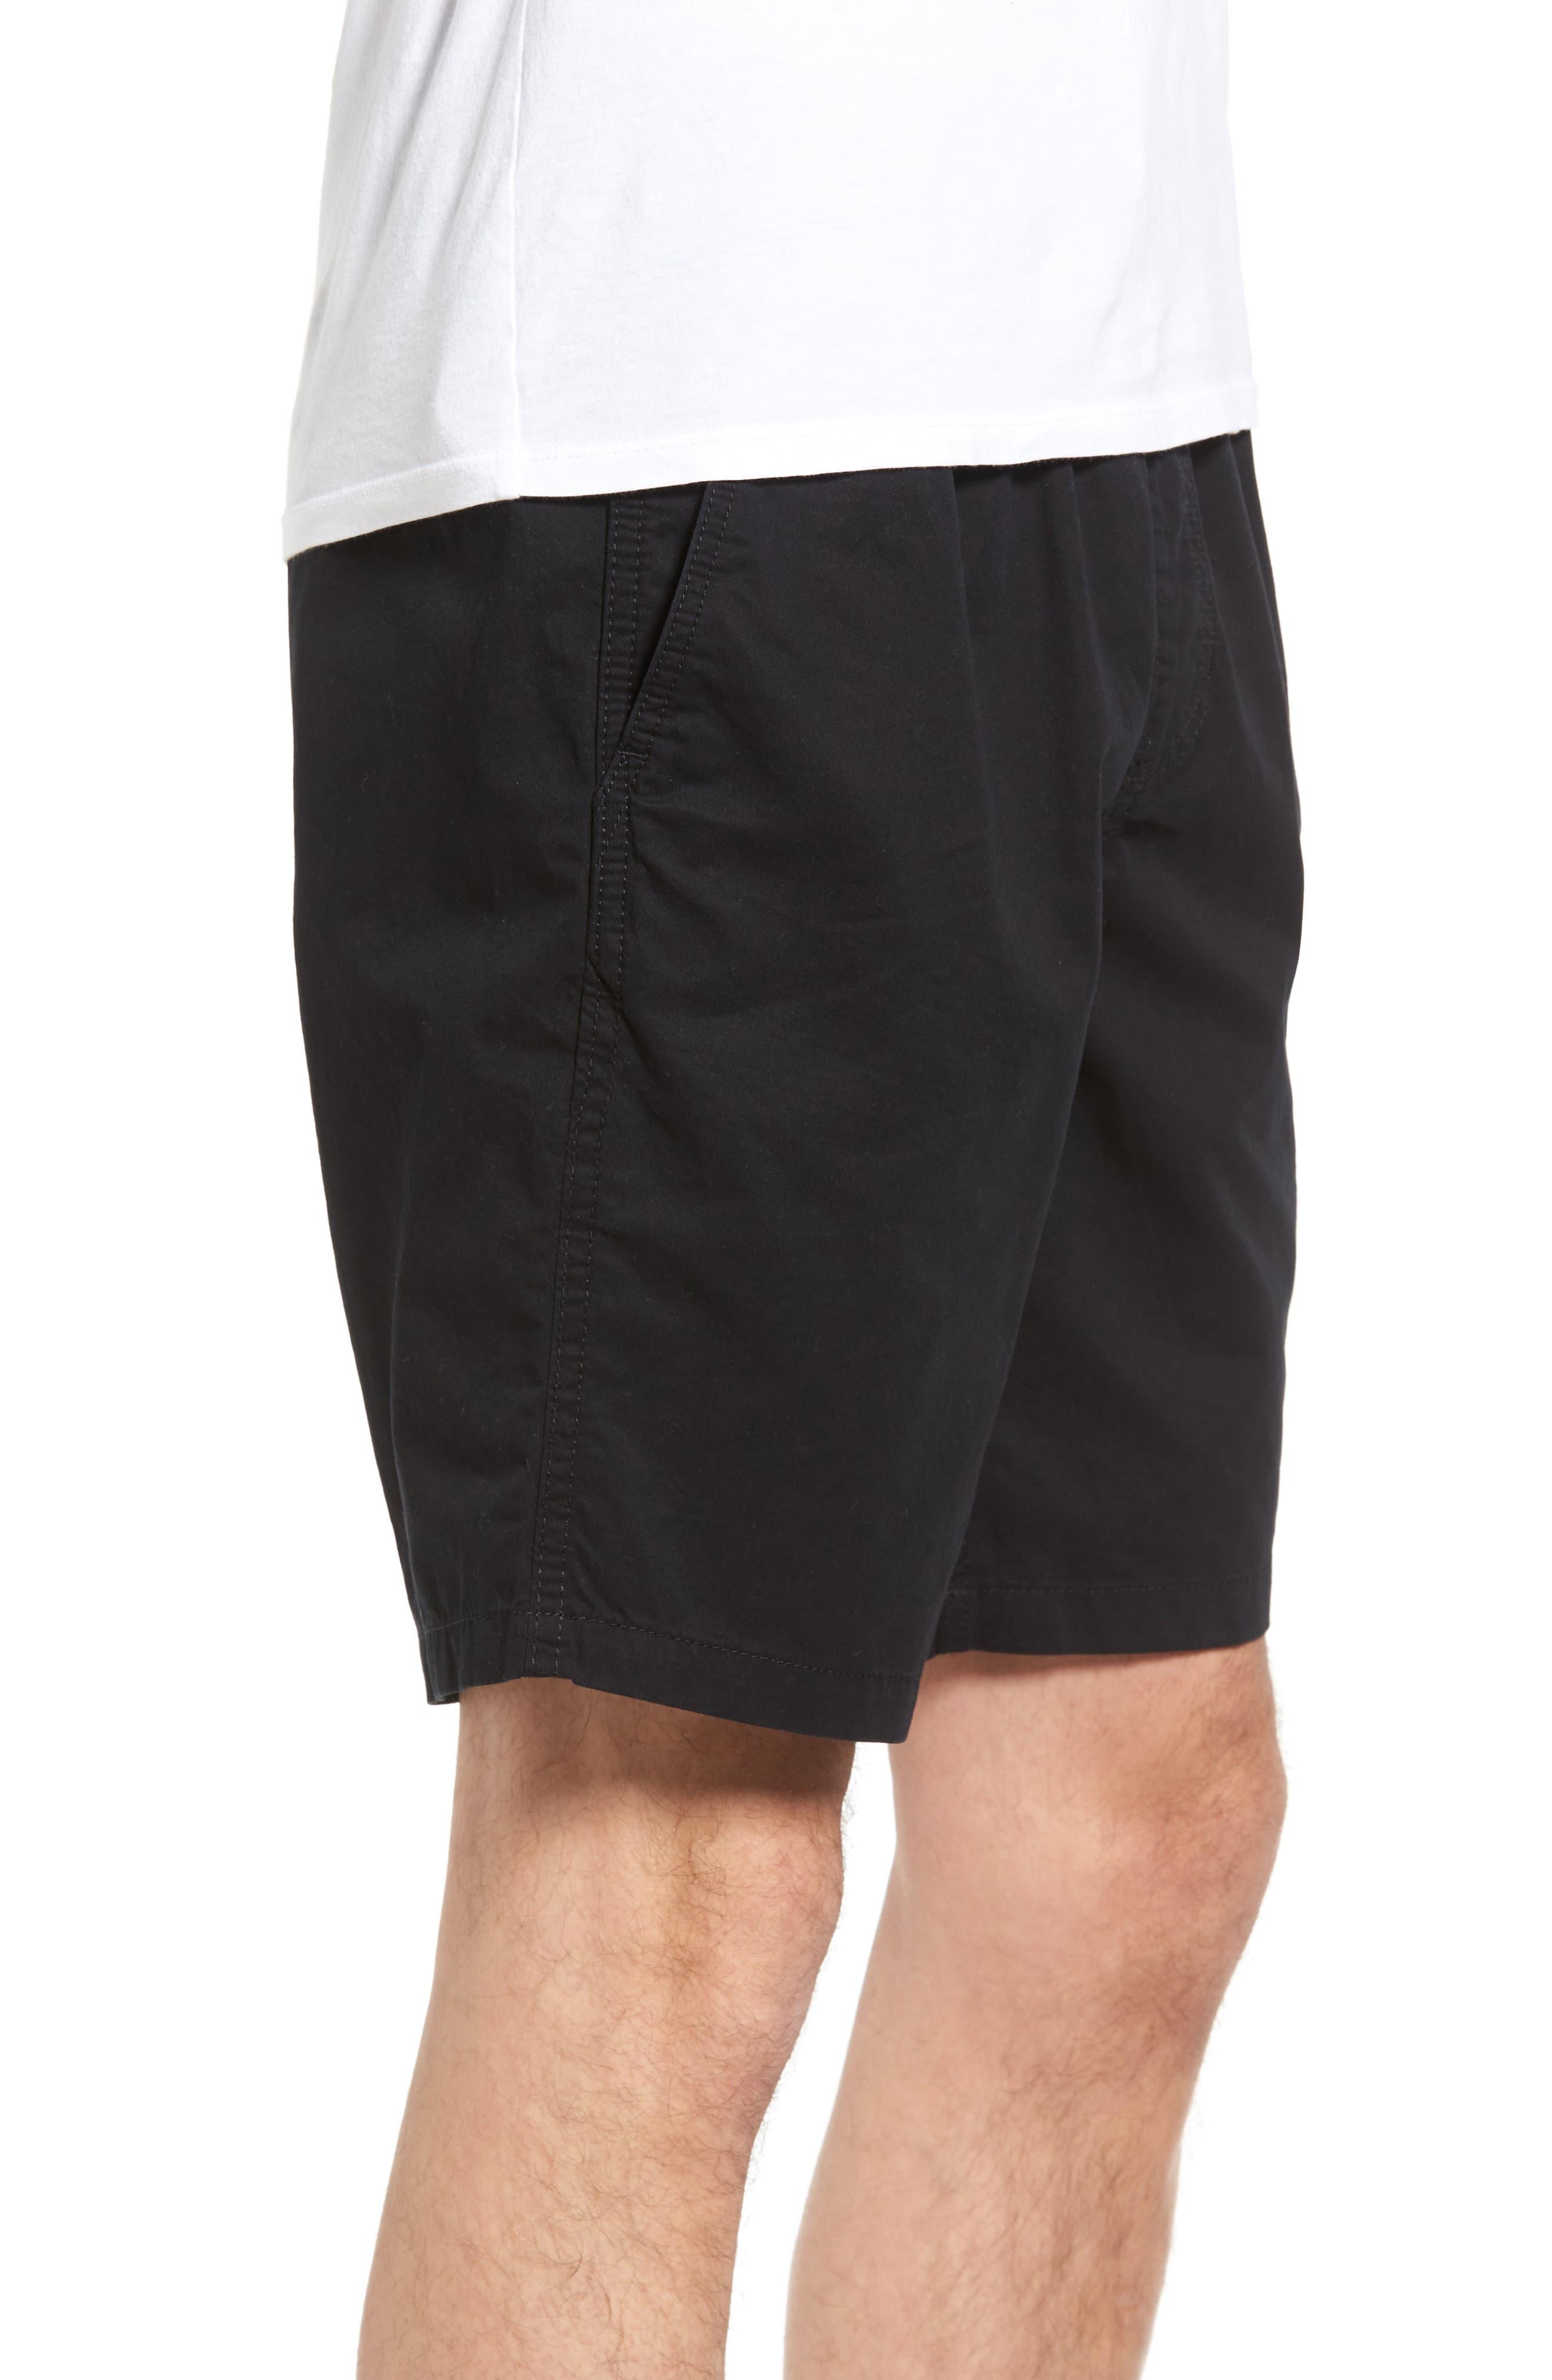 Range Shorts,                             Alternate thumbnail 5, color,